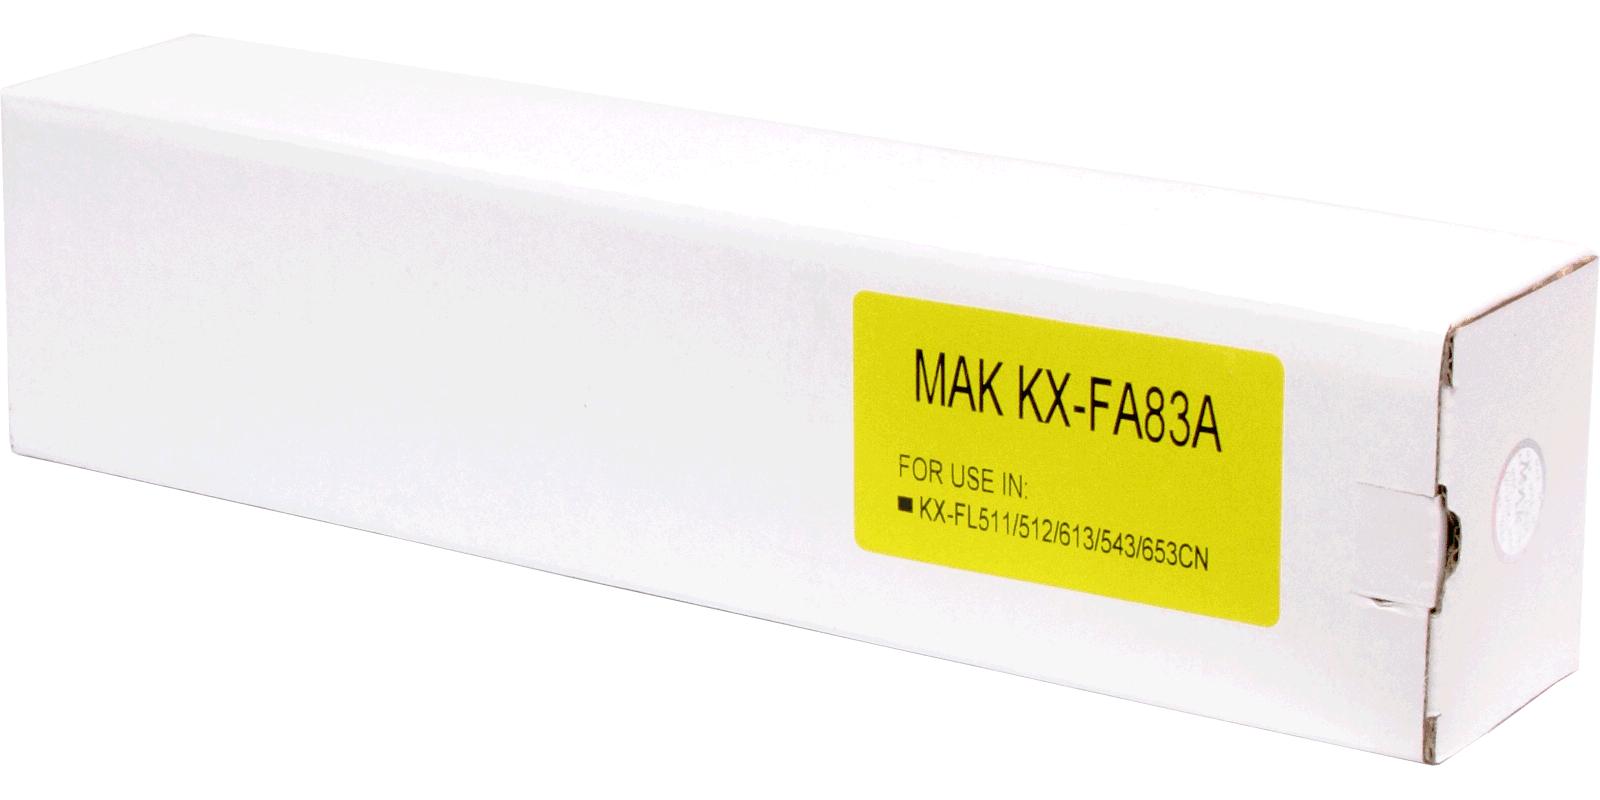 Panasonic MAK KX-FA83A, черный, до 2500 стр.